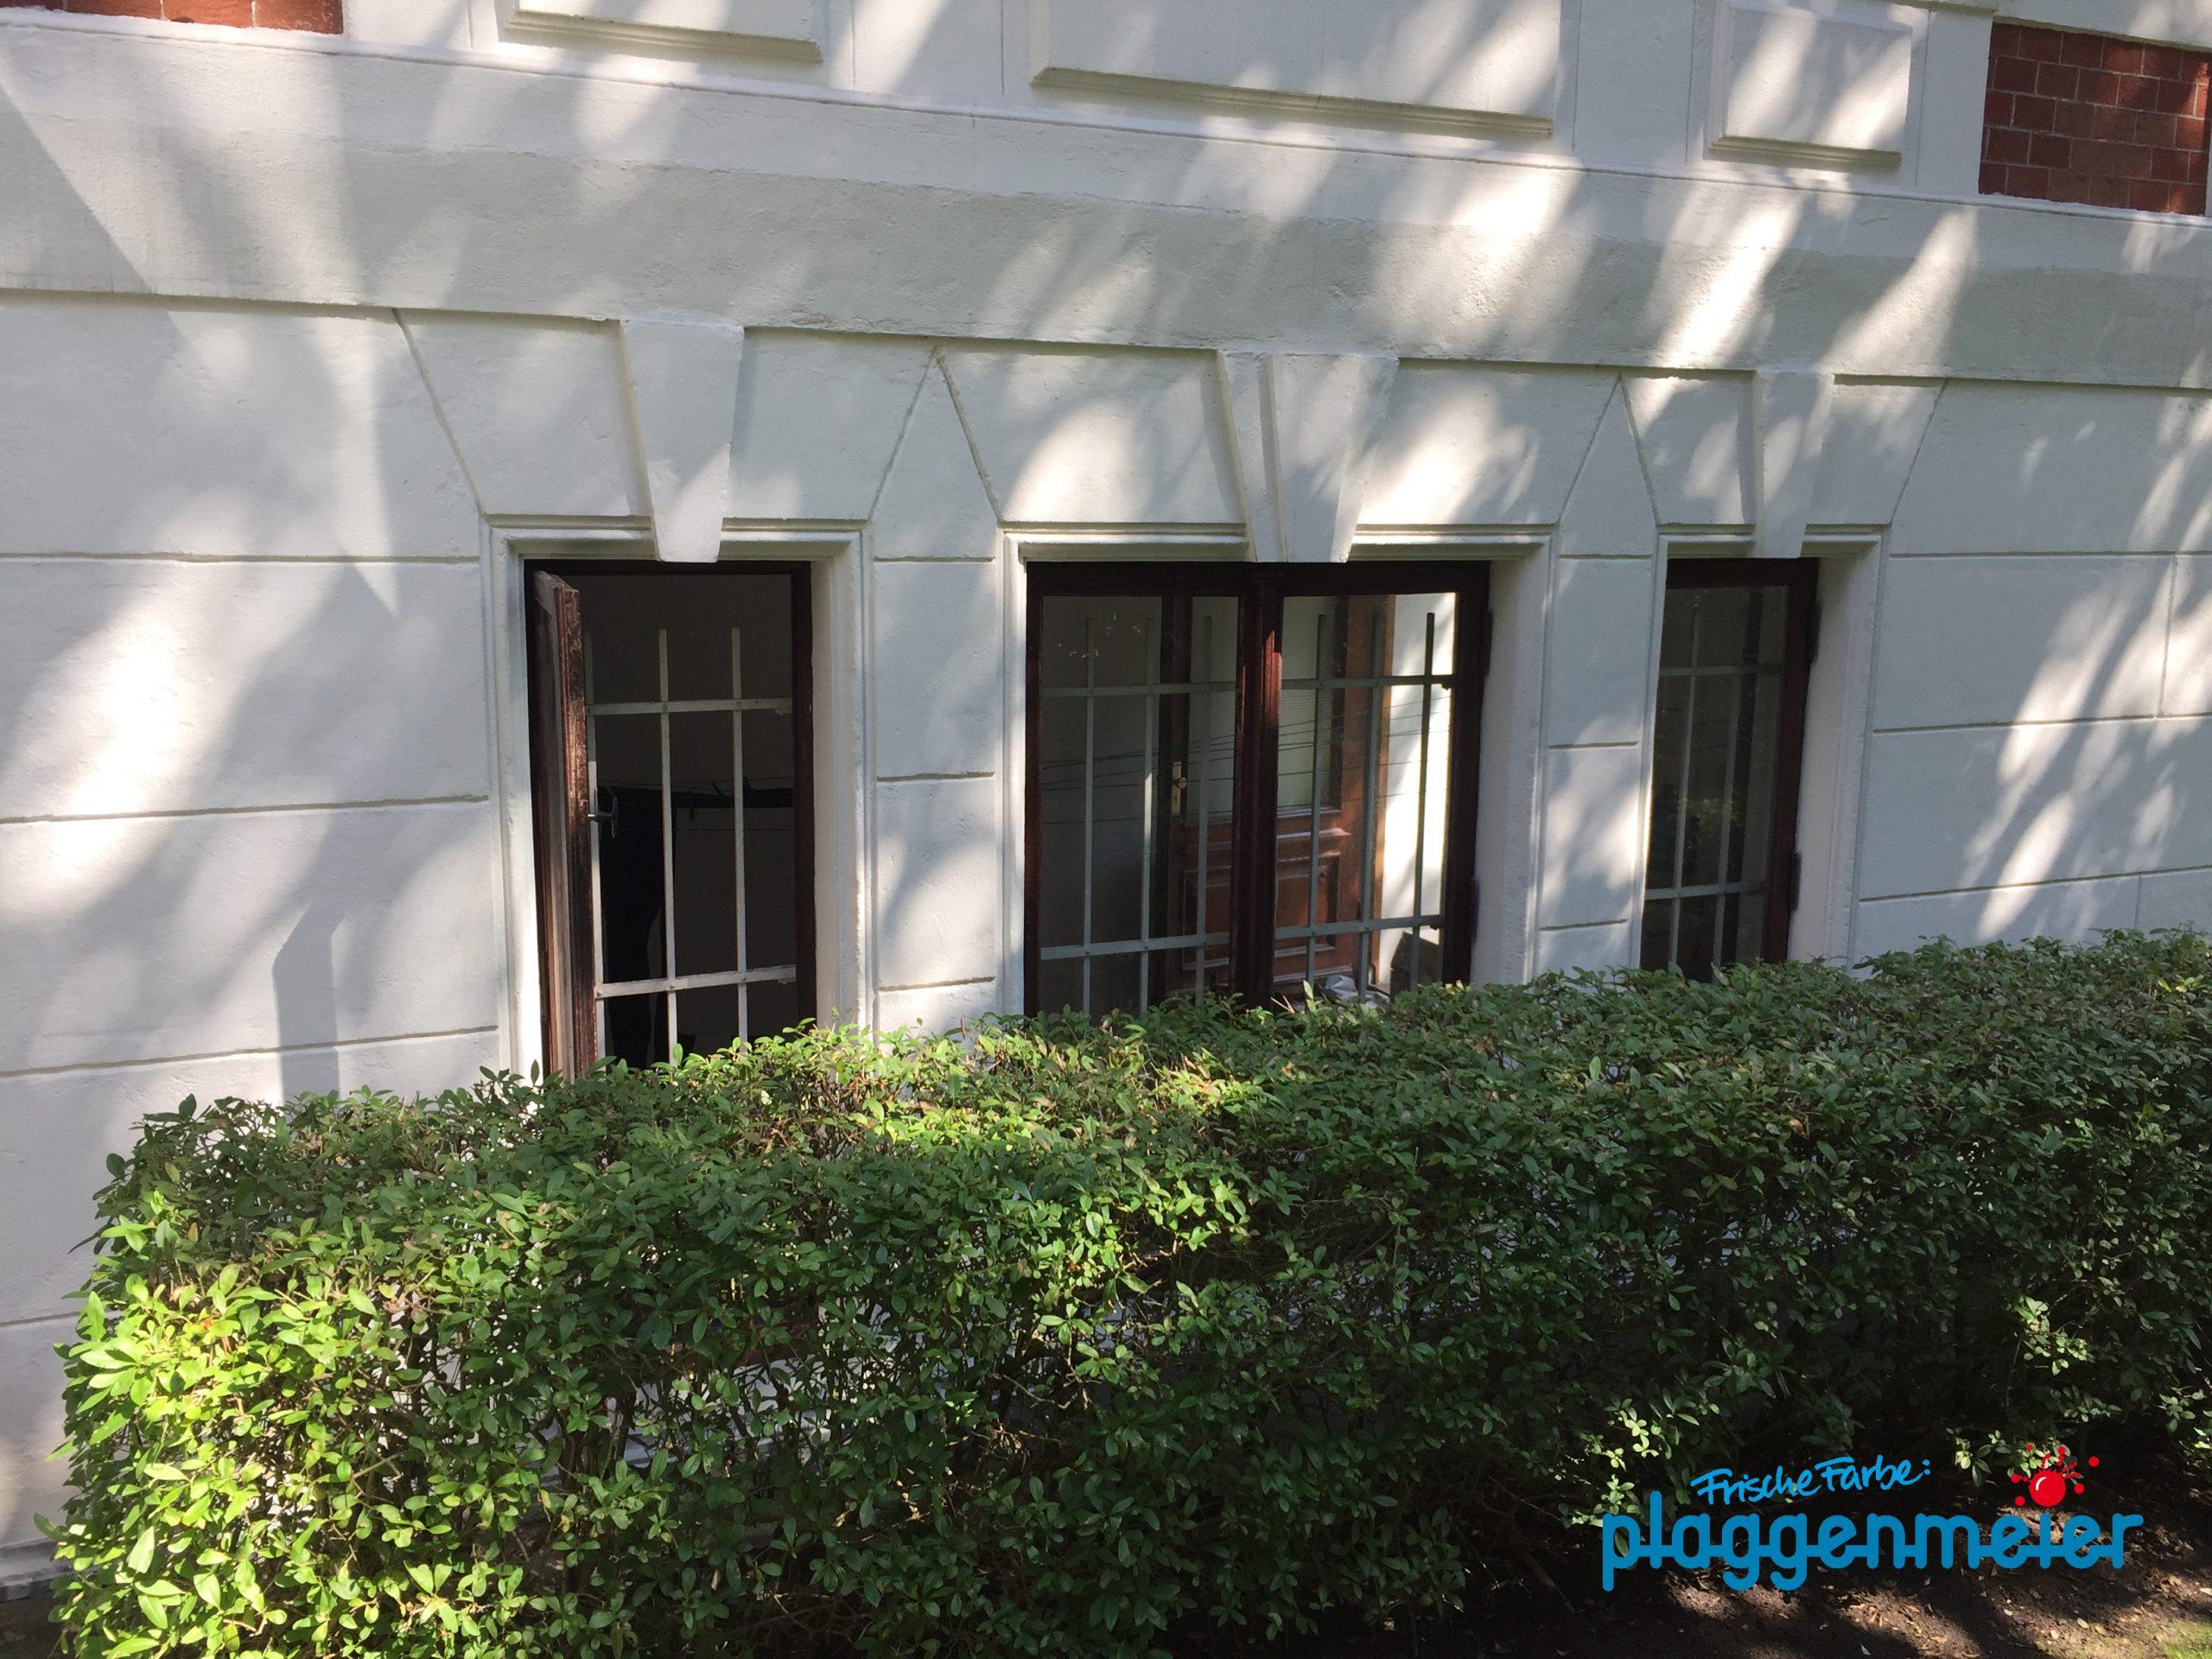 Full Size of Fenster Maler Bremen Plaggenmeier041 Arno Plaggenmeier Gmbh Schüco Online Kunststoff Sichern Gegen Einbruch Velux Rollo Aluplast Rundes Einbruchschutz Folie Fenster Fenster Bremen